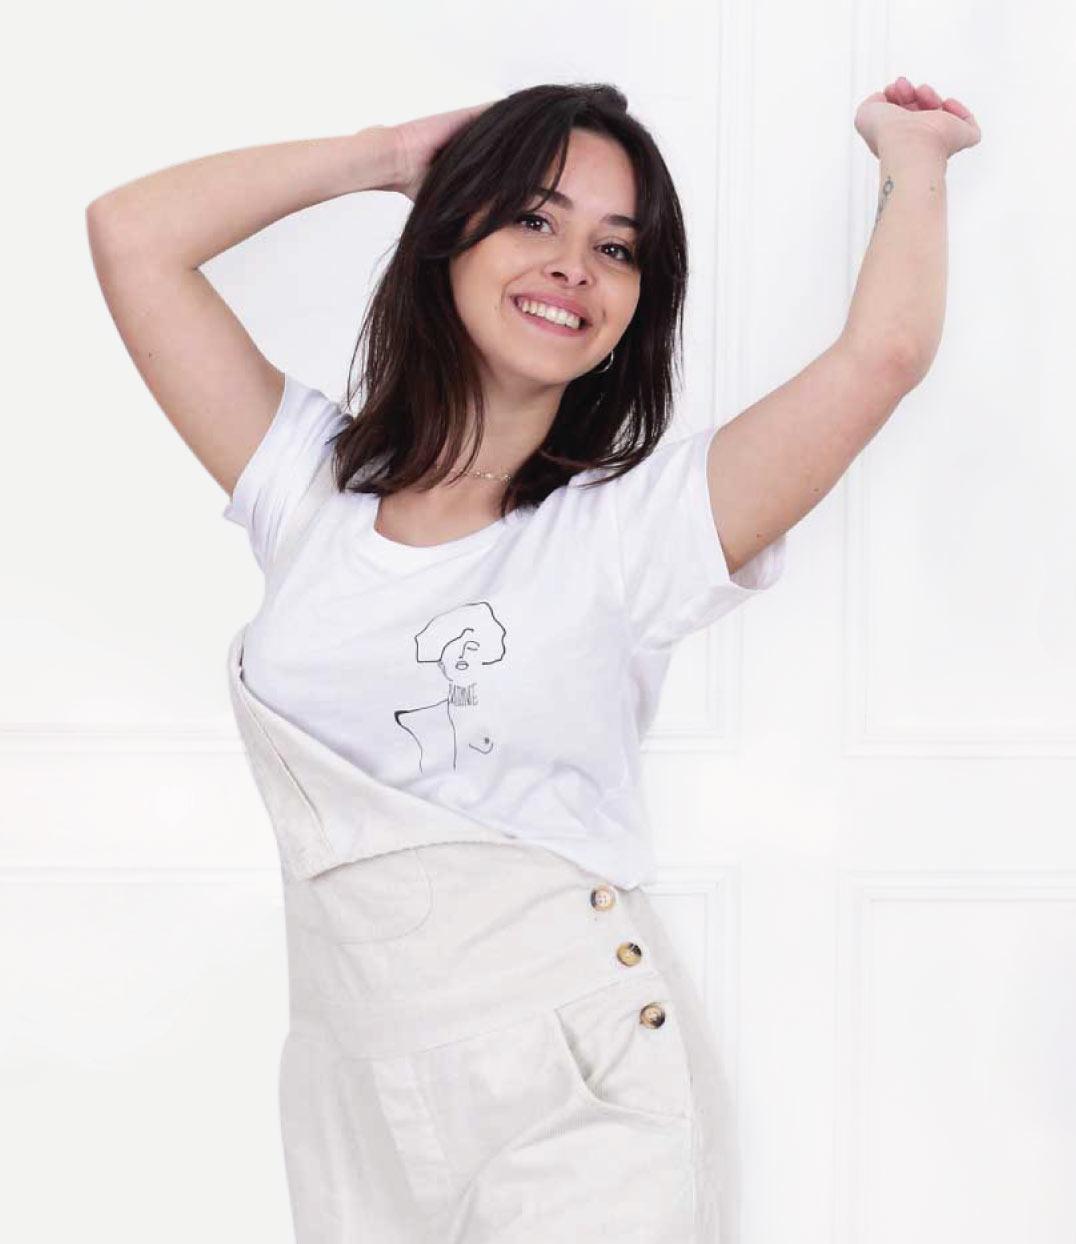 femme les mains levées portant le tshirt klimt blanc de Leonor Roversi